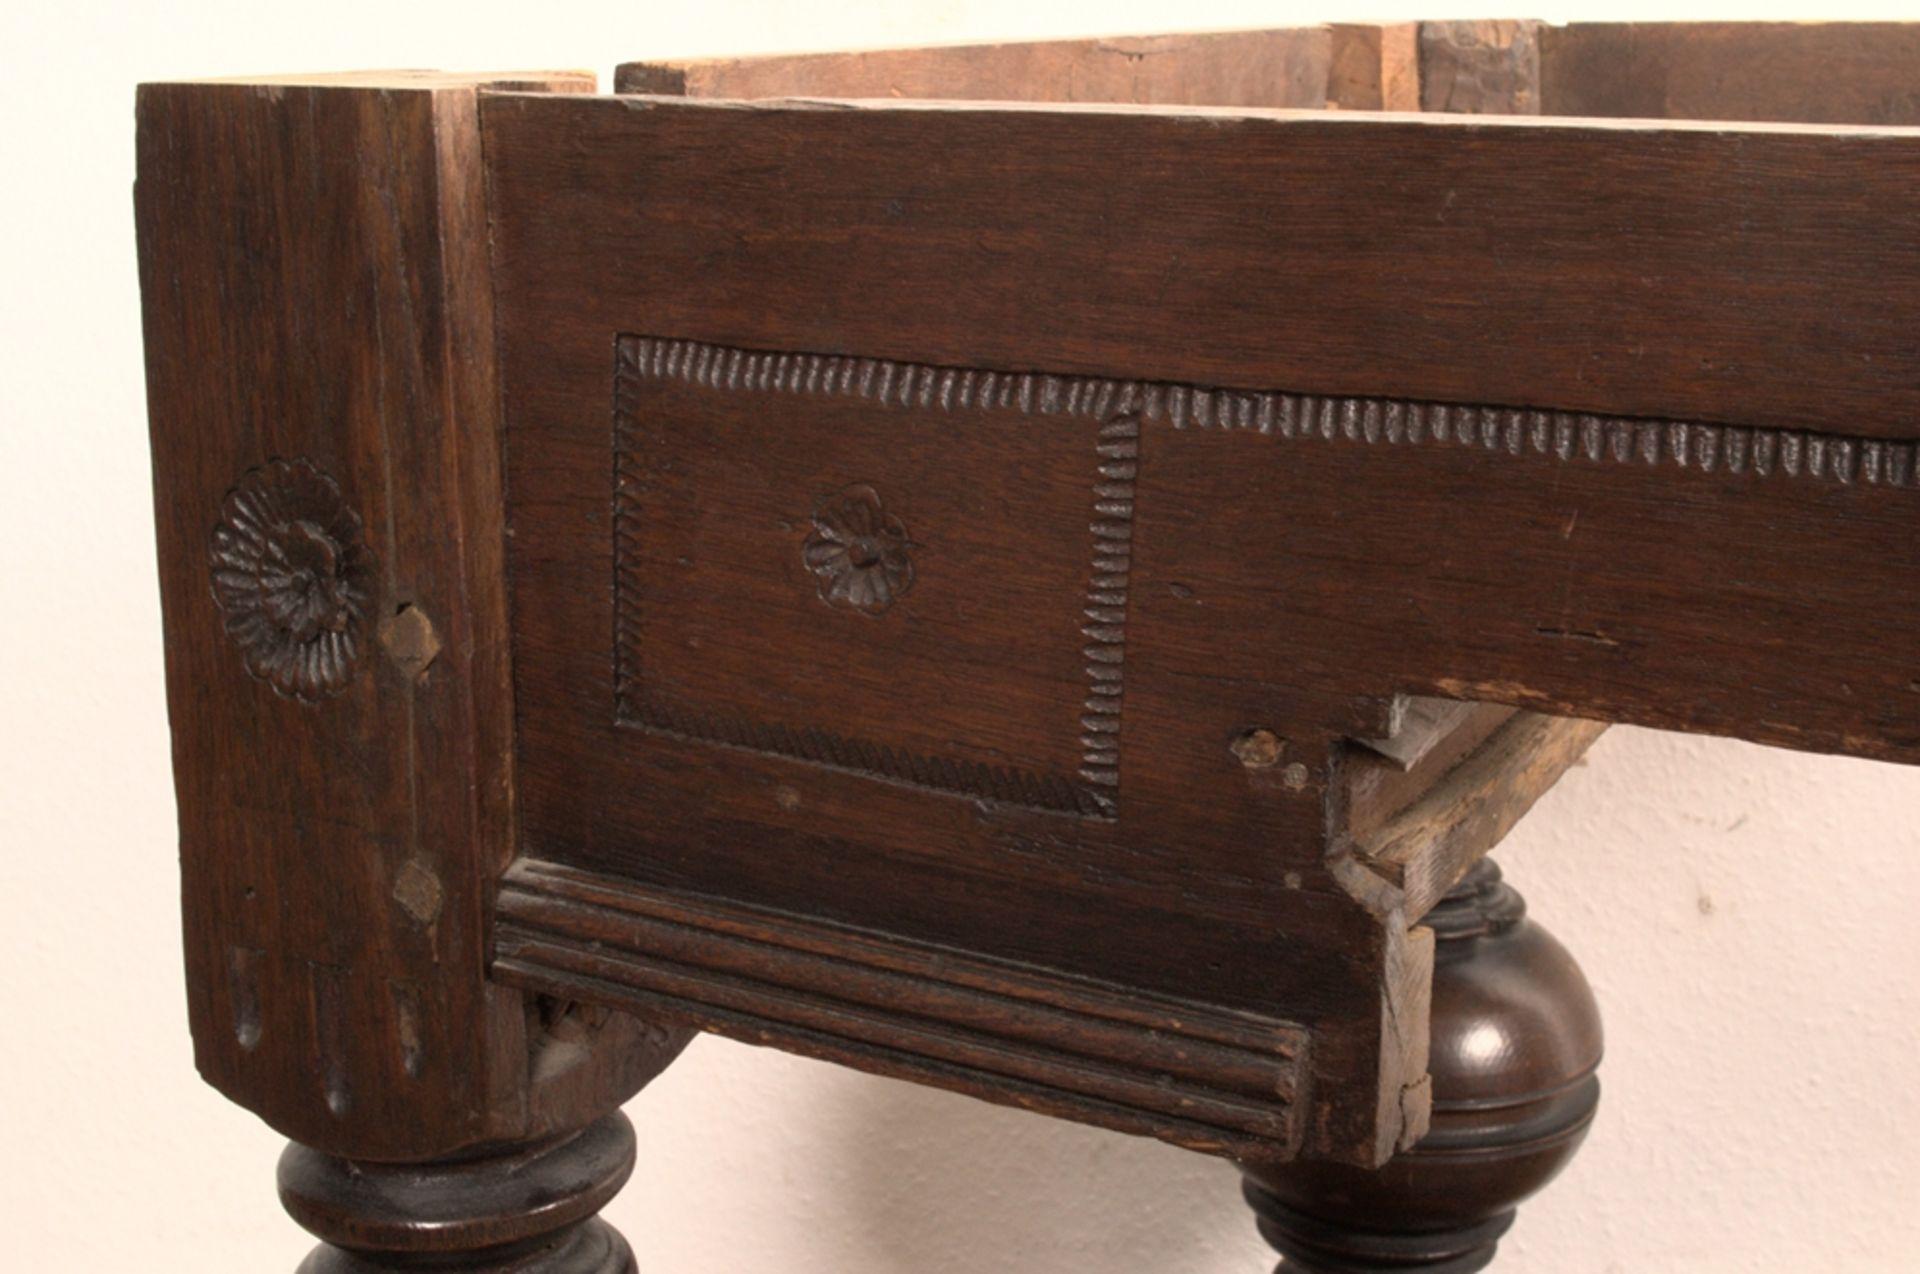 Großer Auszugstisch, Franken um 1730/50. Querverstrebter Tischunterbau mit kräftigen Balusterbeinen, - Bild 5 aus 36